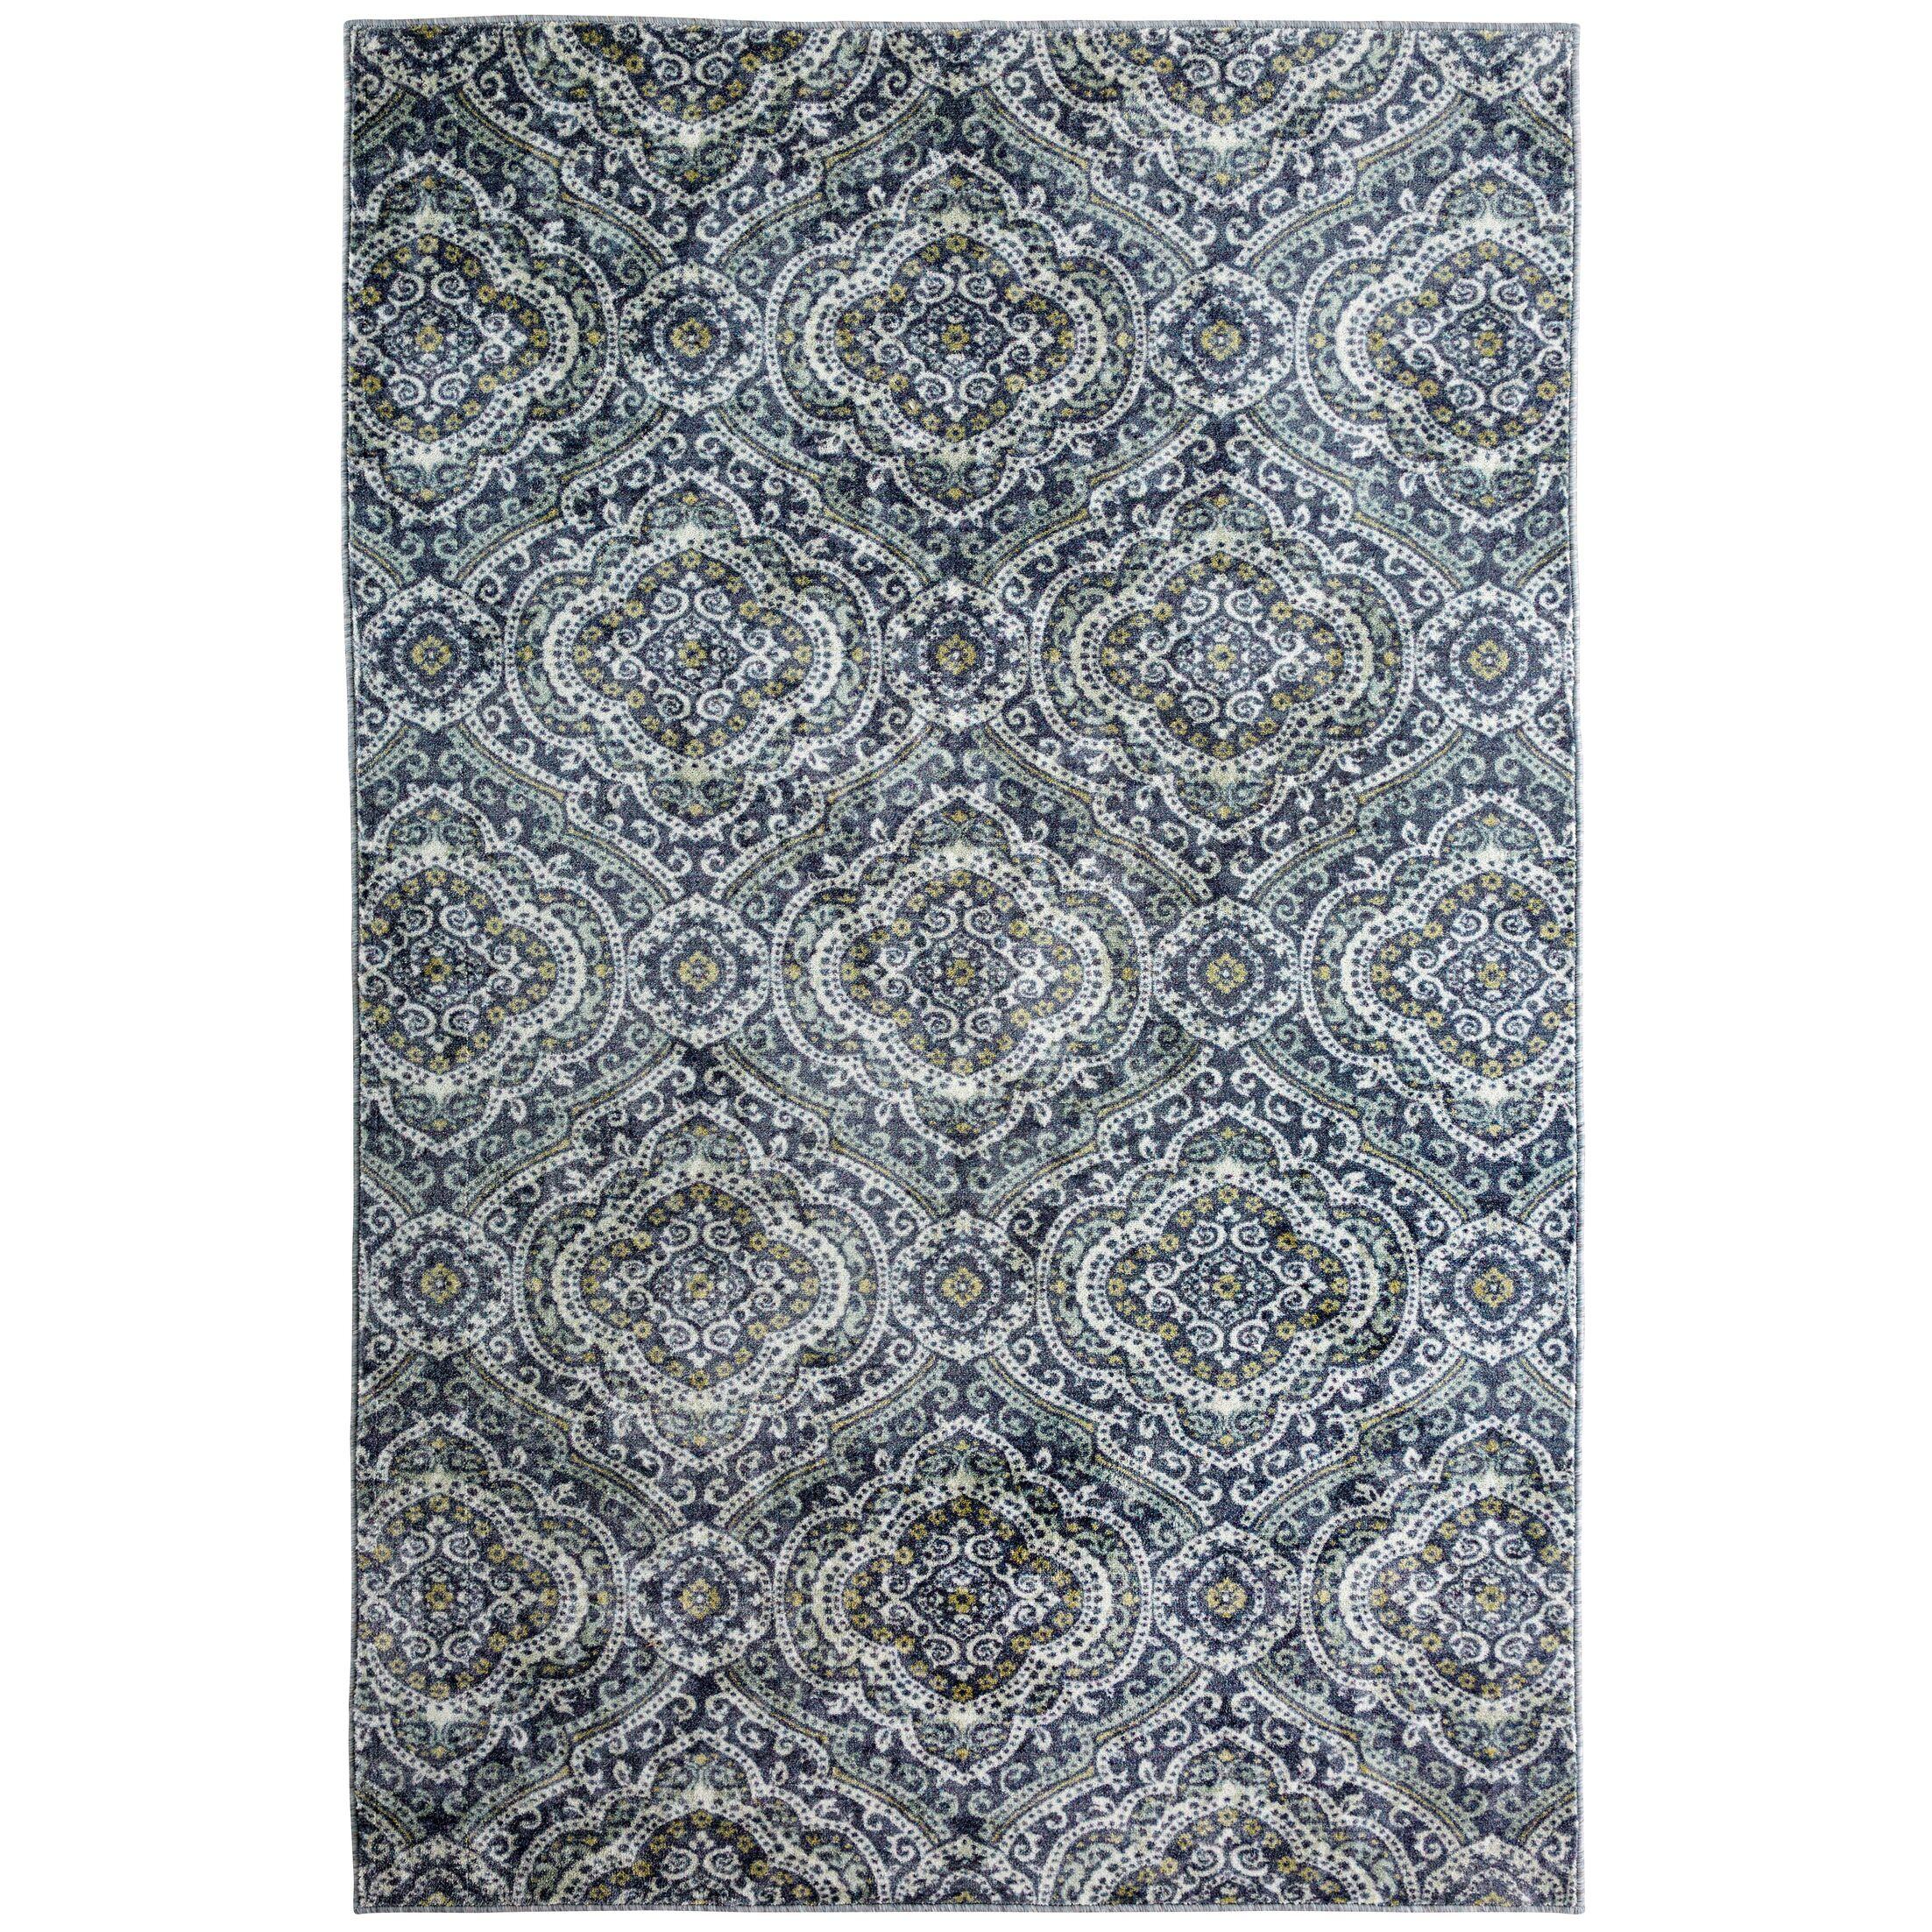 Amblewood Gray Area Rug Rug Size: Rectangle 5' x 8'